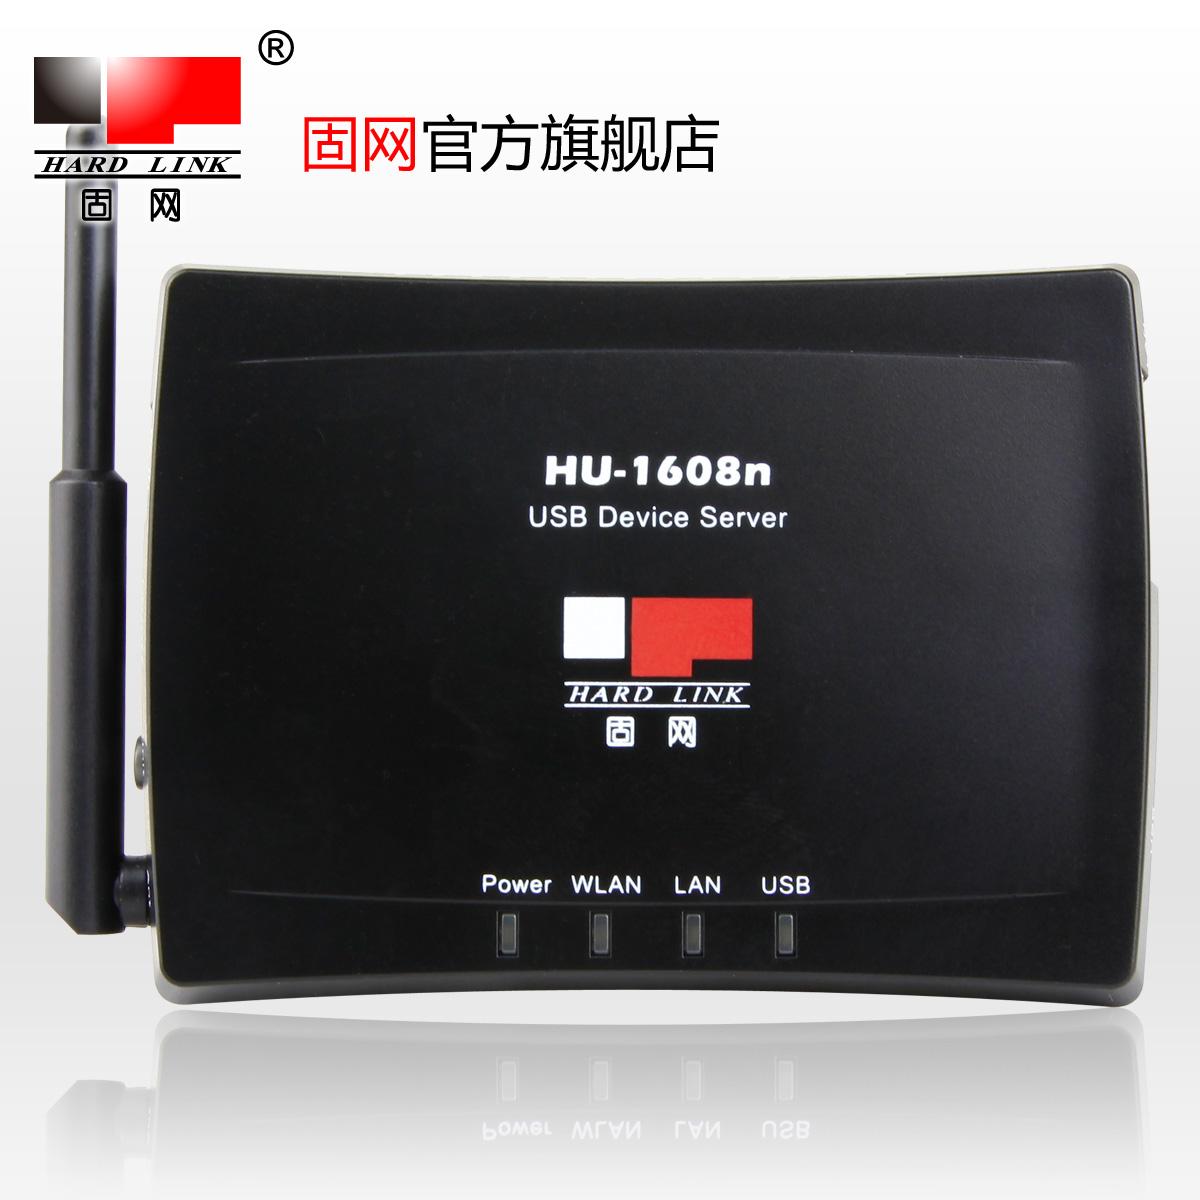 Твердый чистый HU1608N беспроводной проводной один usb печать в целом наслаждаться печать служба устройство сеть